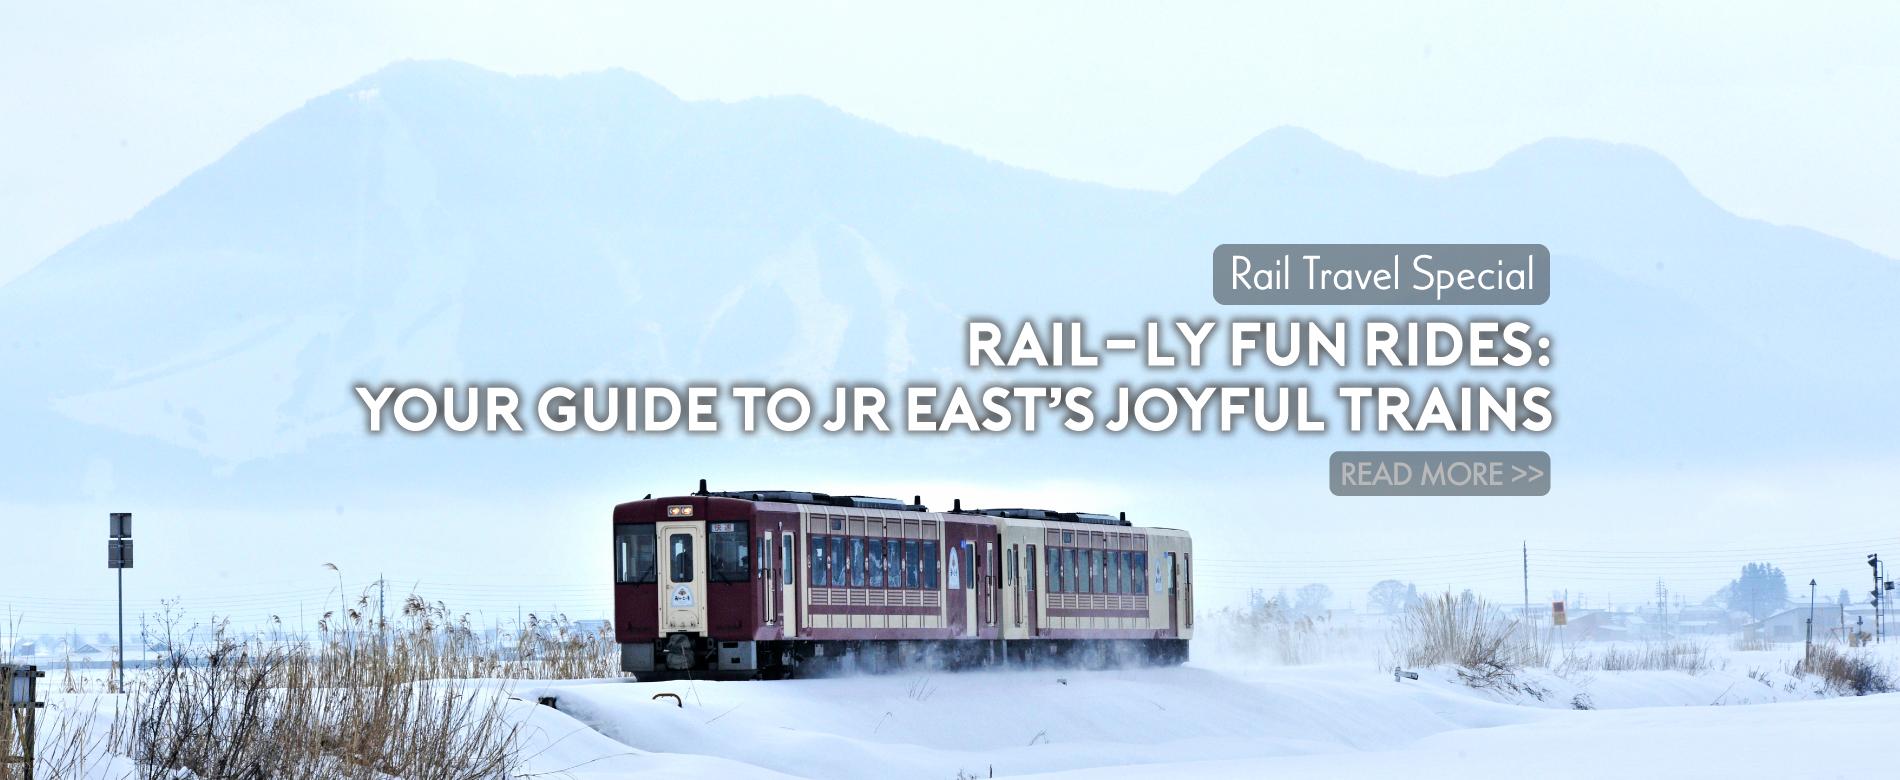 Rail Travel - Joyful Trains